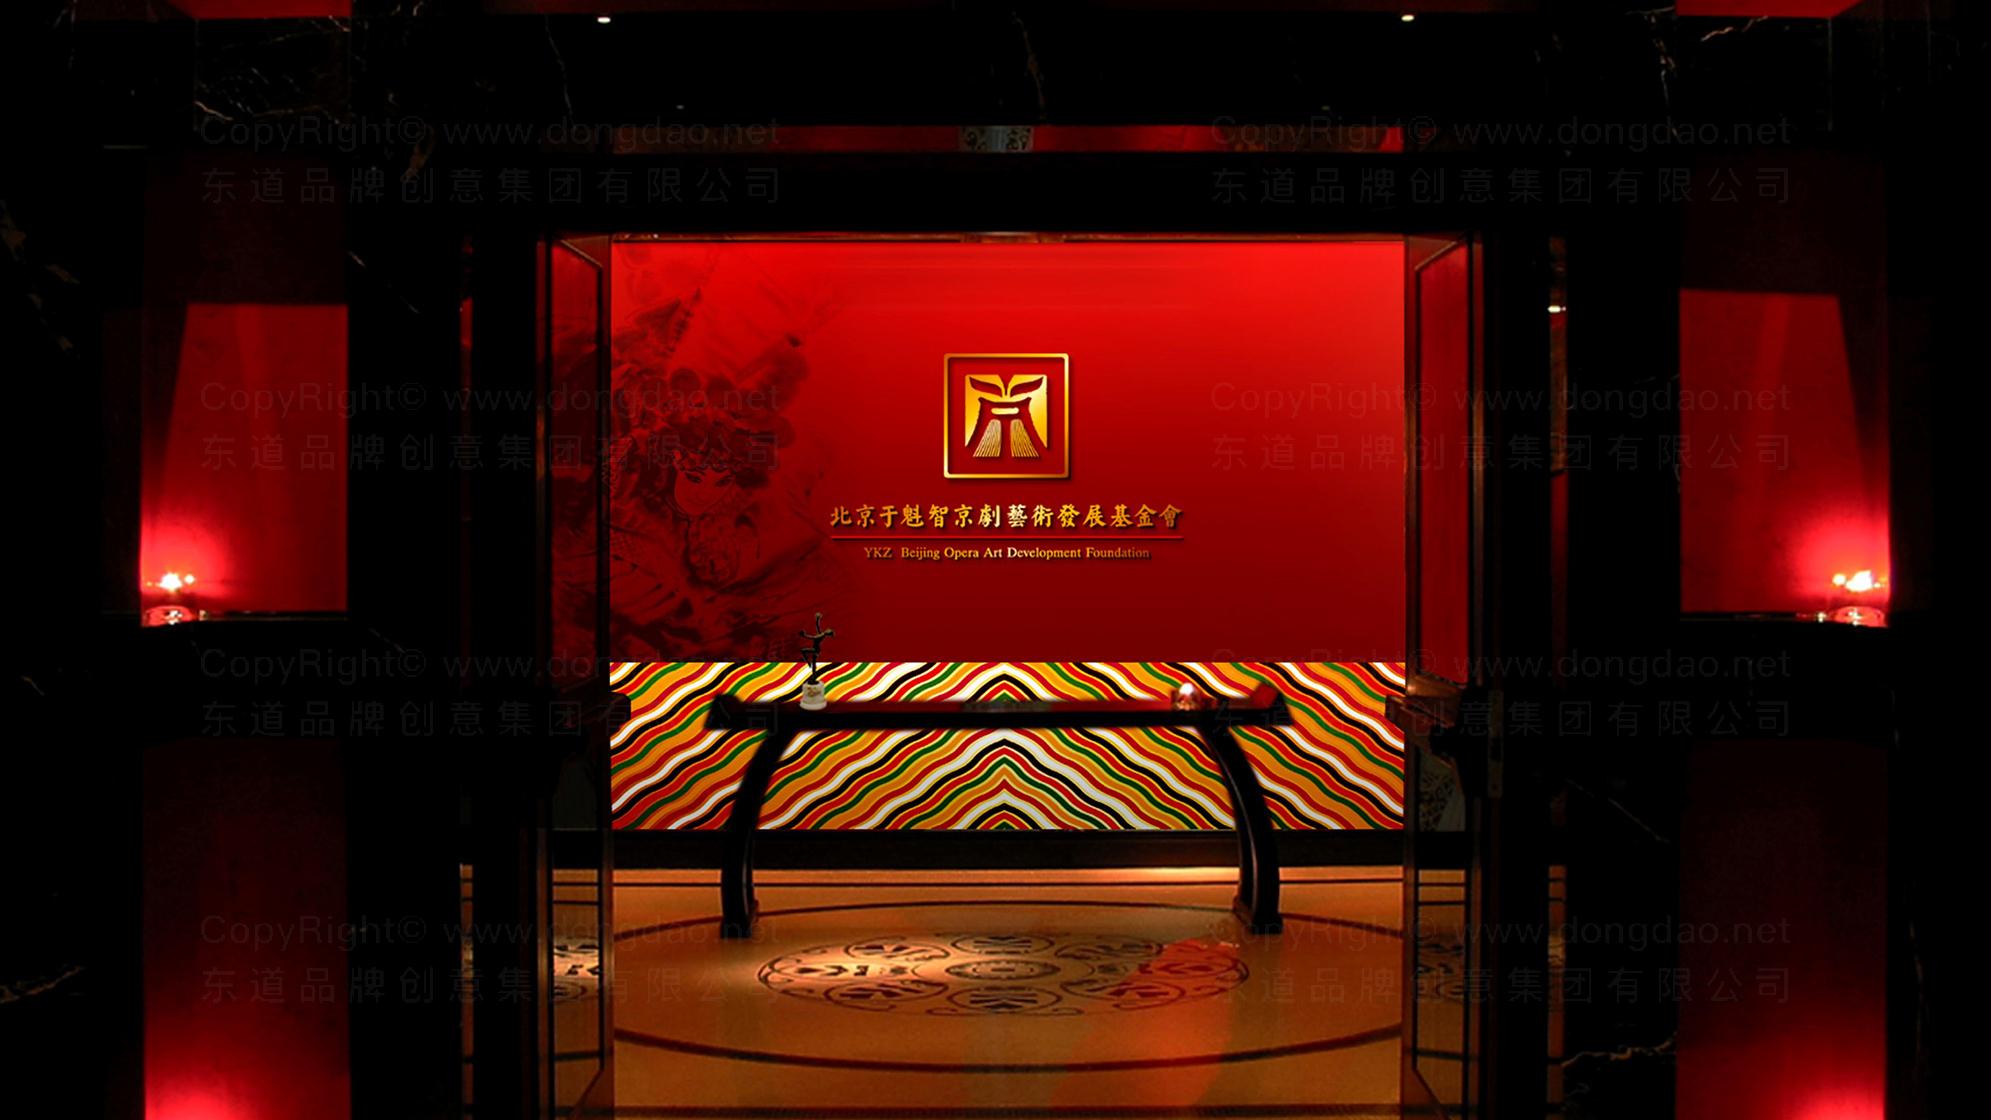 品牌设计于魁智京剧艺术发展基金会LOGO&VI设计应用